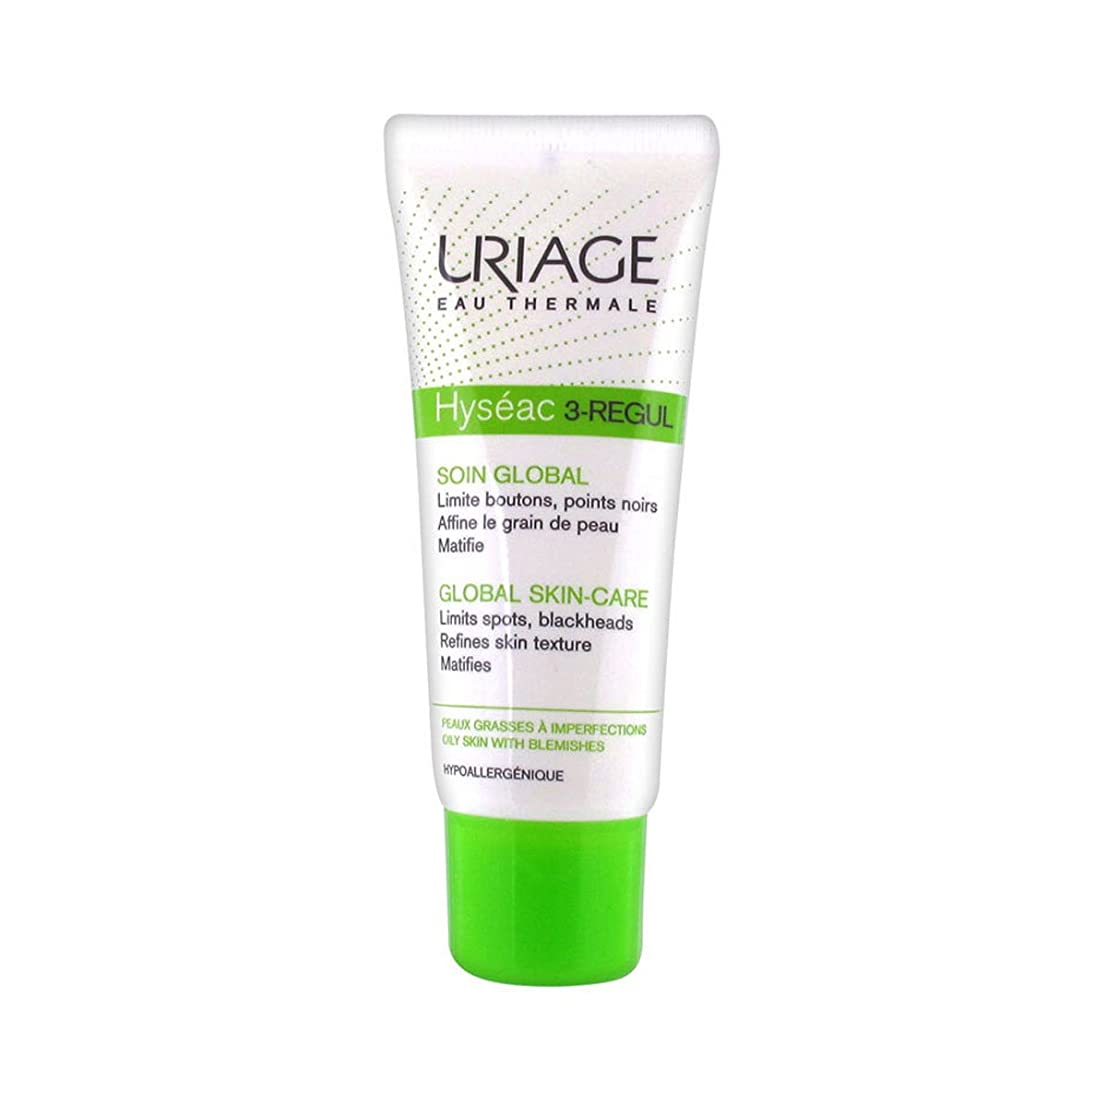 緊急ズームインするシュートUriage Hyseac 3-regul Global Skin-care 40ml [並行輸入品]